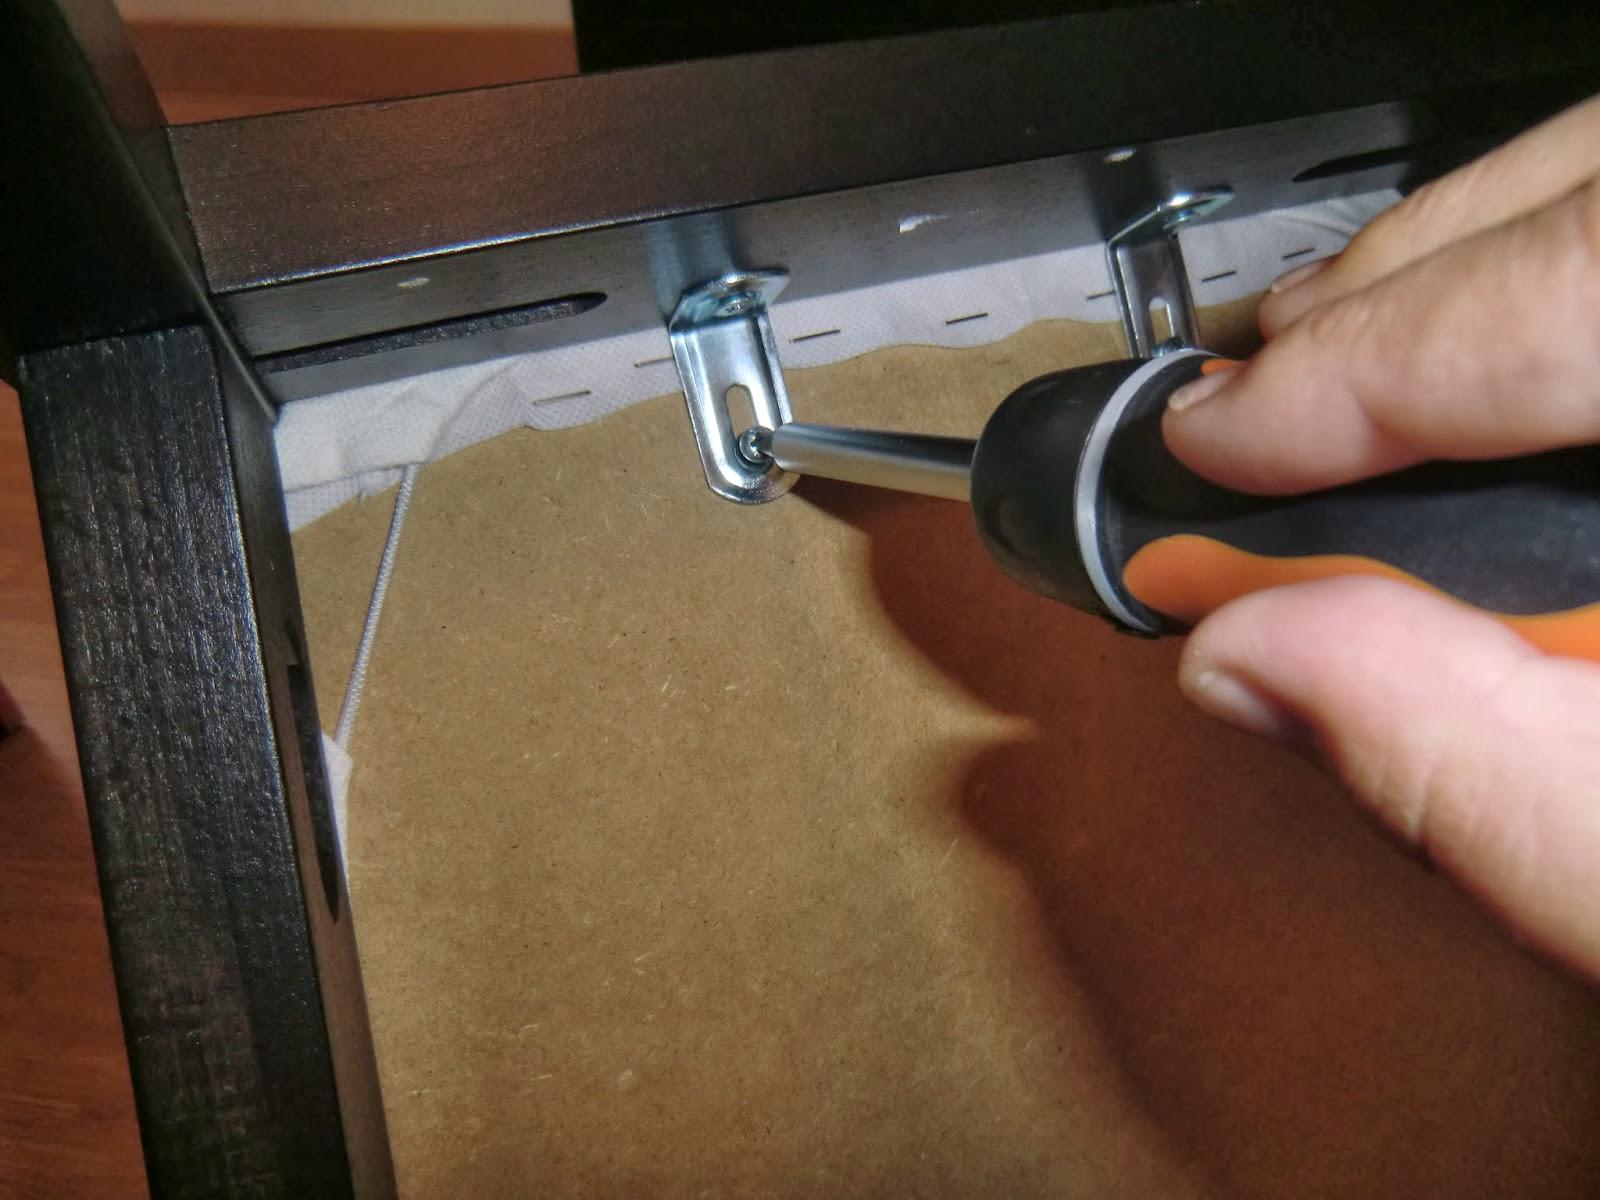 Esmilaweb como tapizar unas sillas de comedor - Tela para tapizar sillas de comedor ...